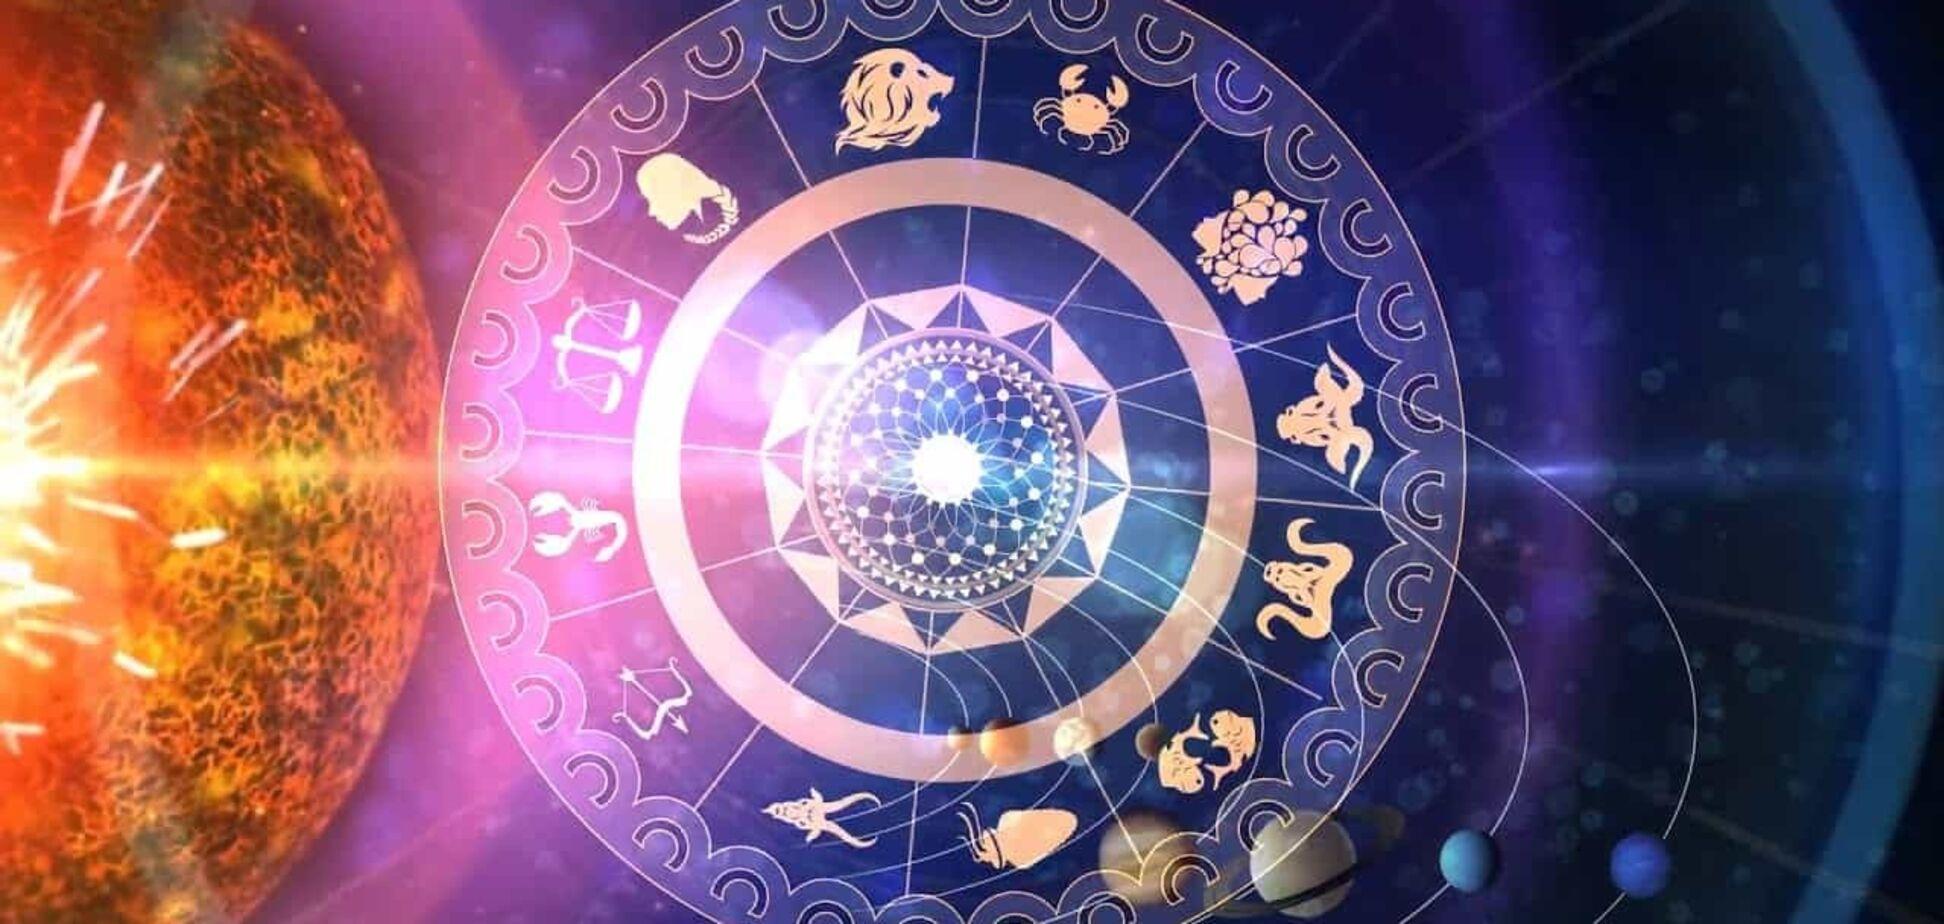 Гороскоп на 25 січня за картами Таро